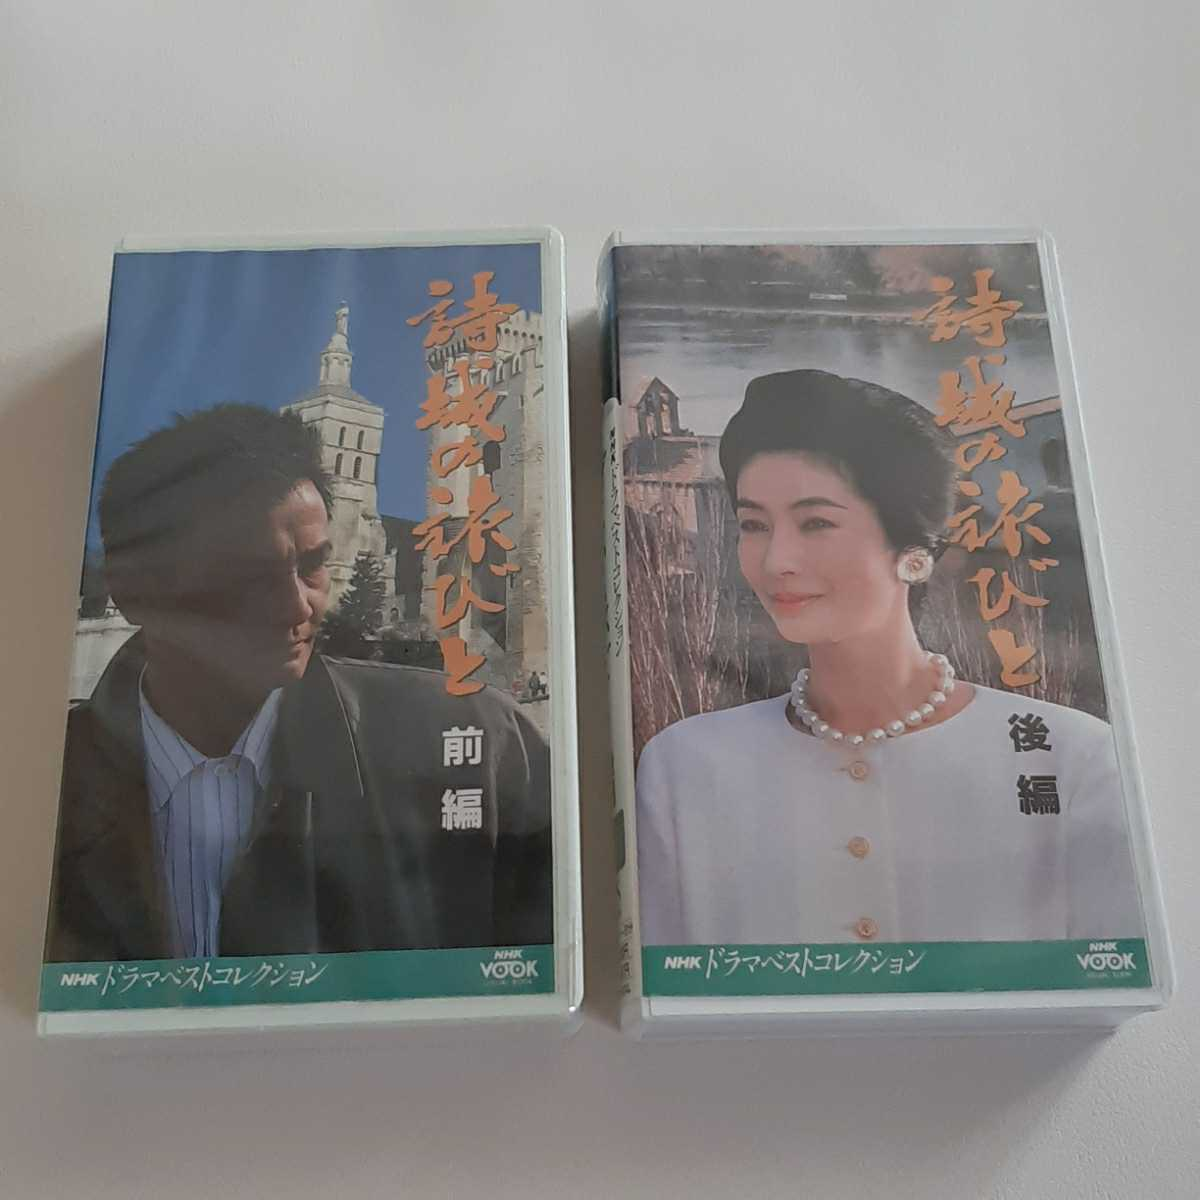 安奈 Nhk 中川